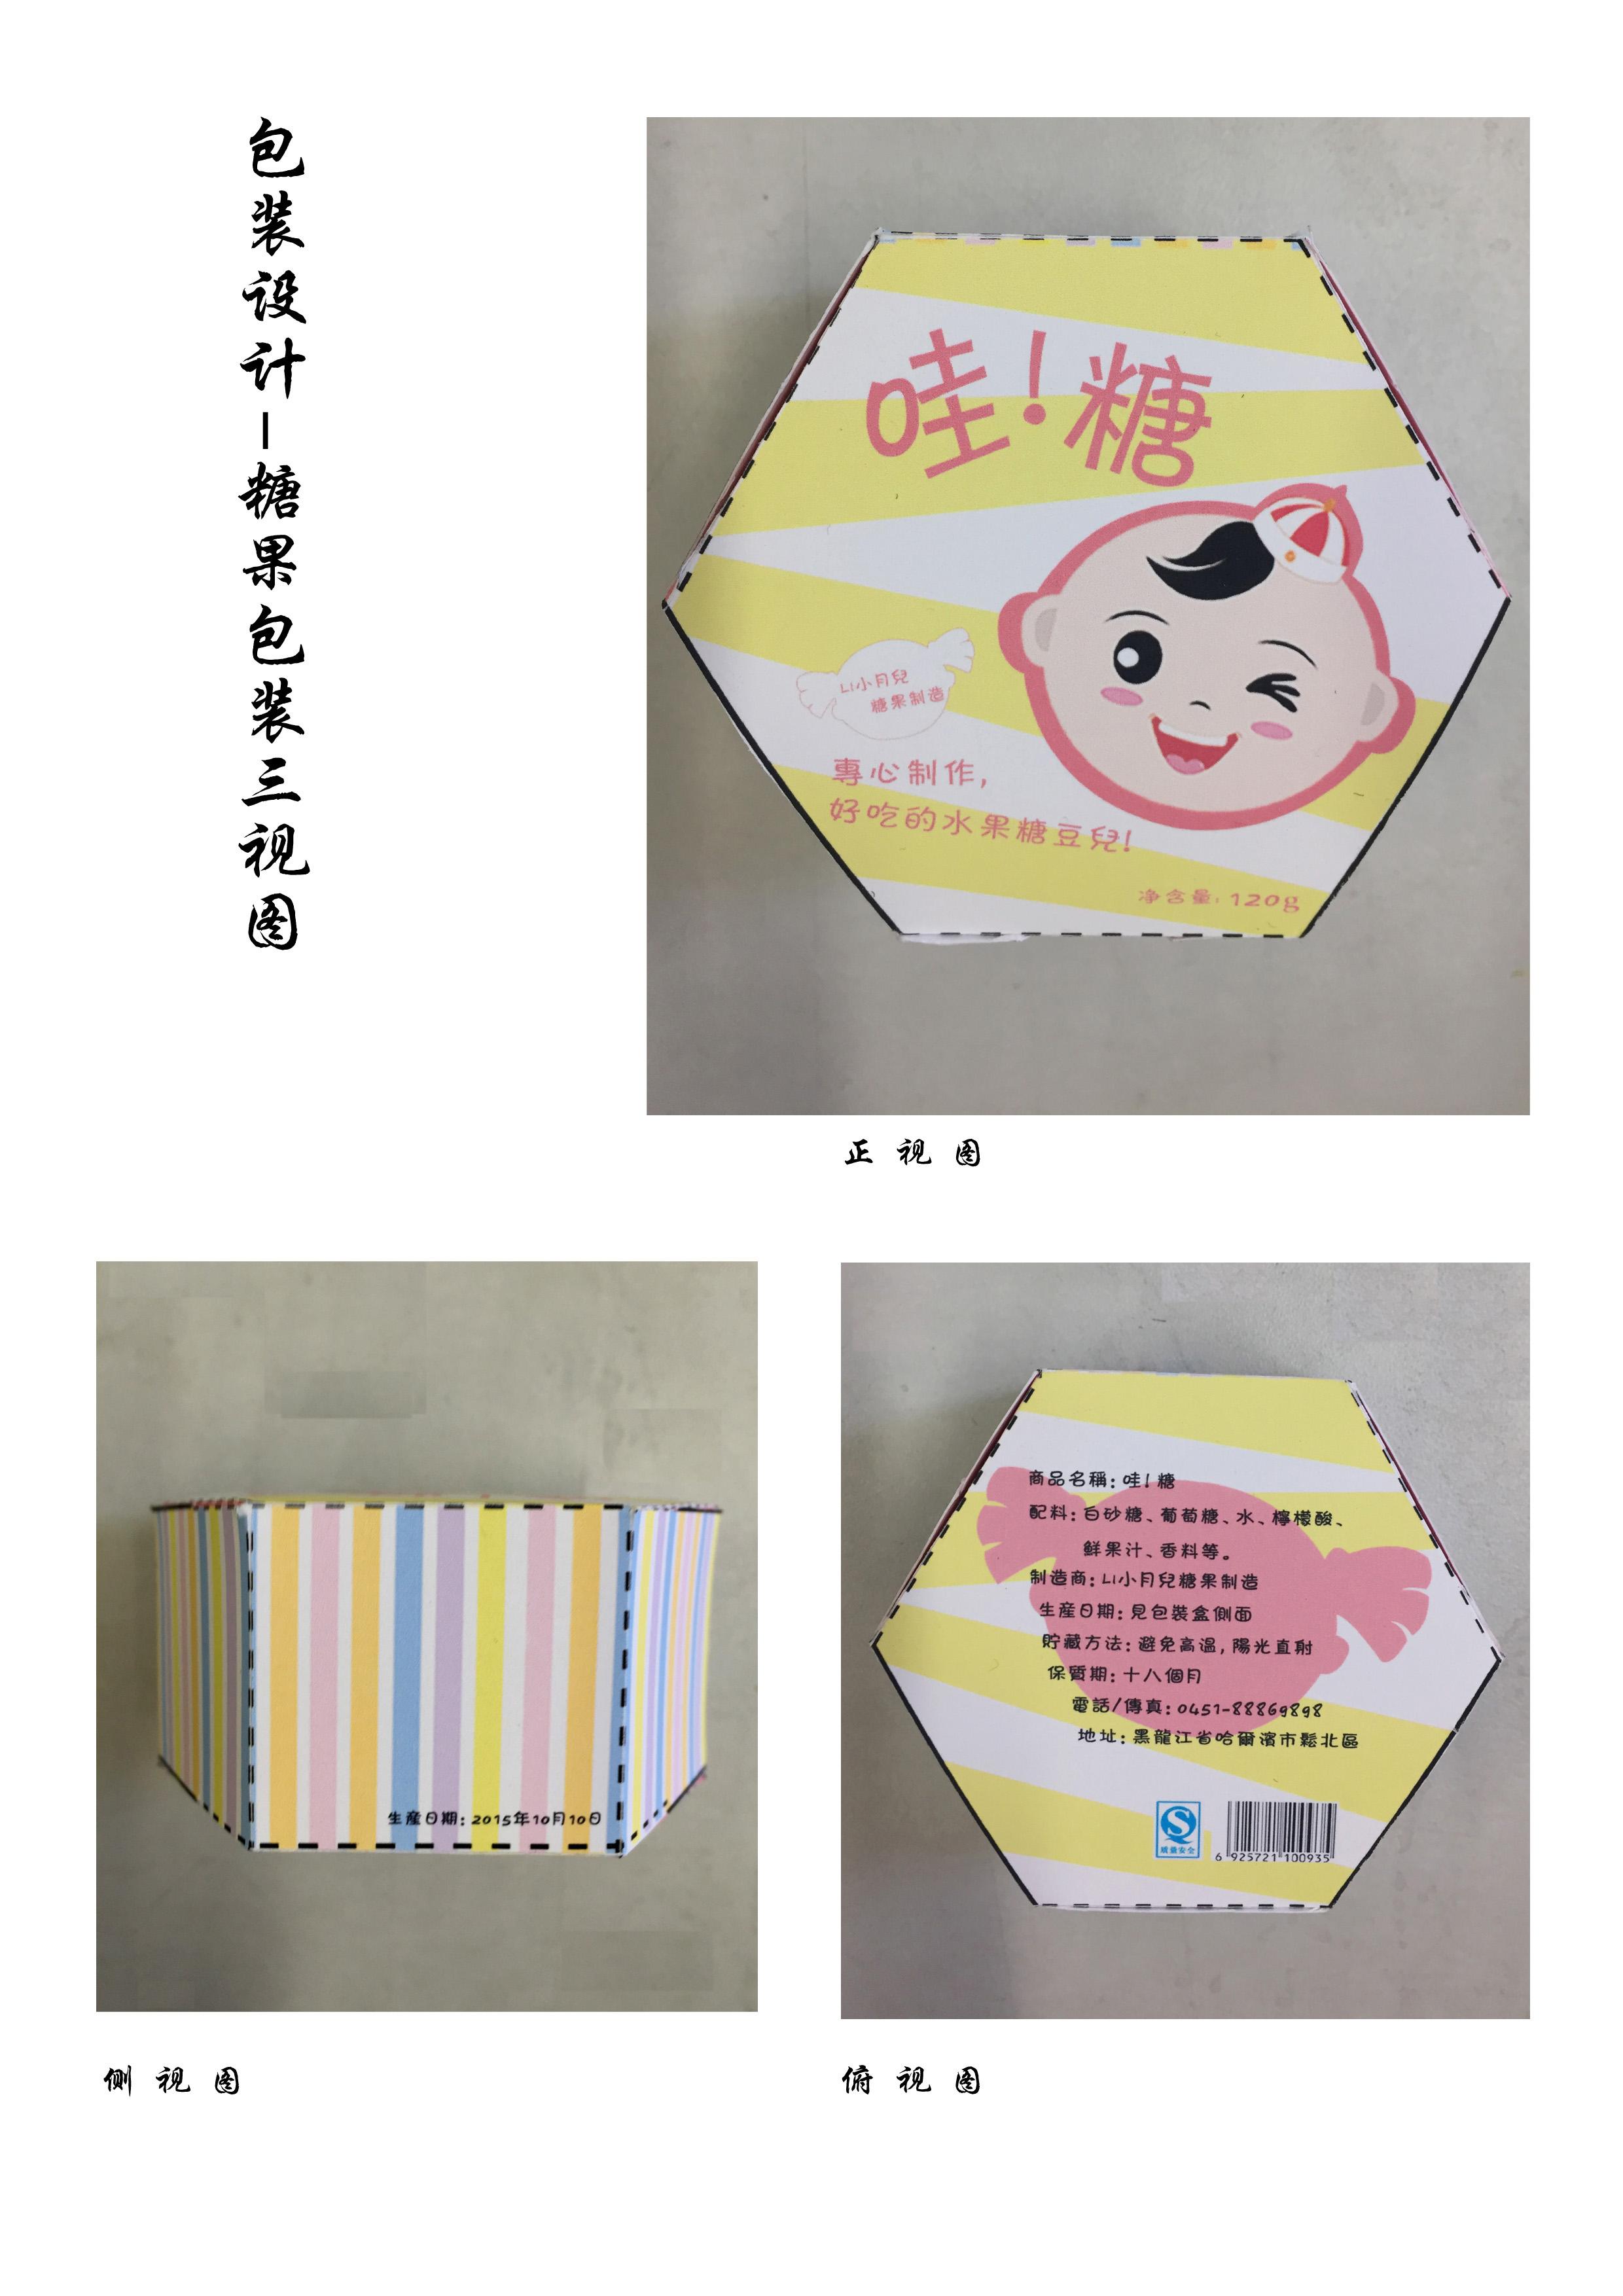 新颖婚礼糖果盒的包装安排琢磨